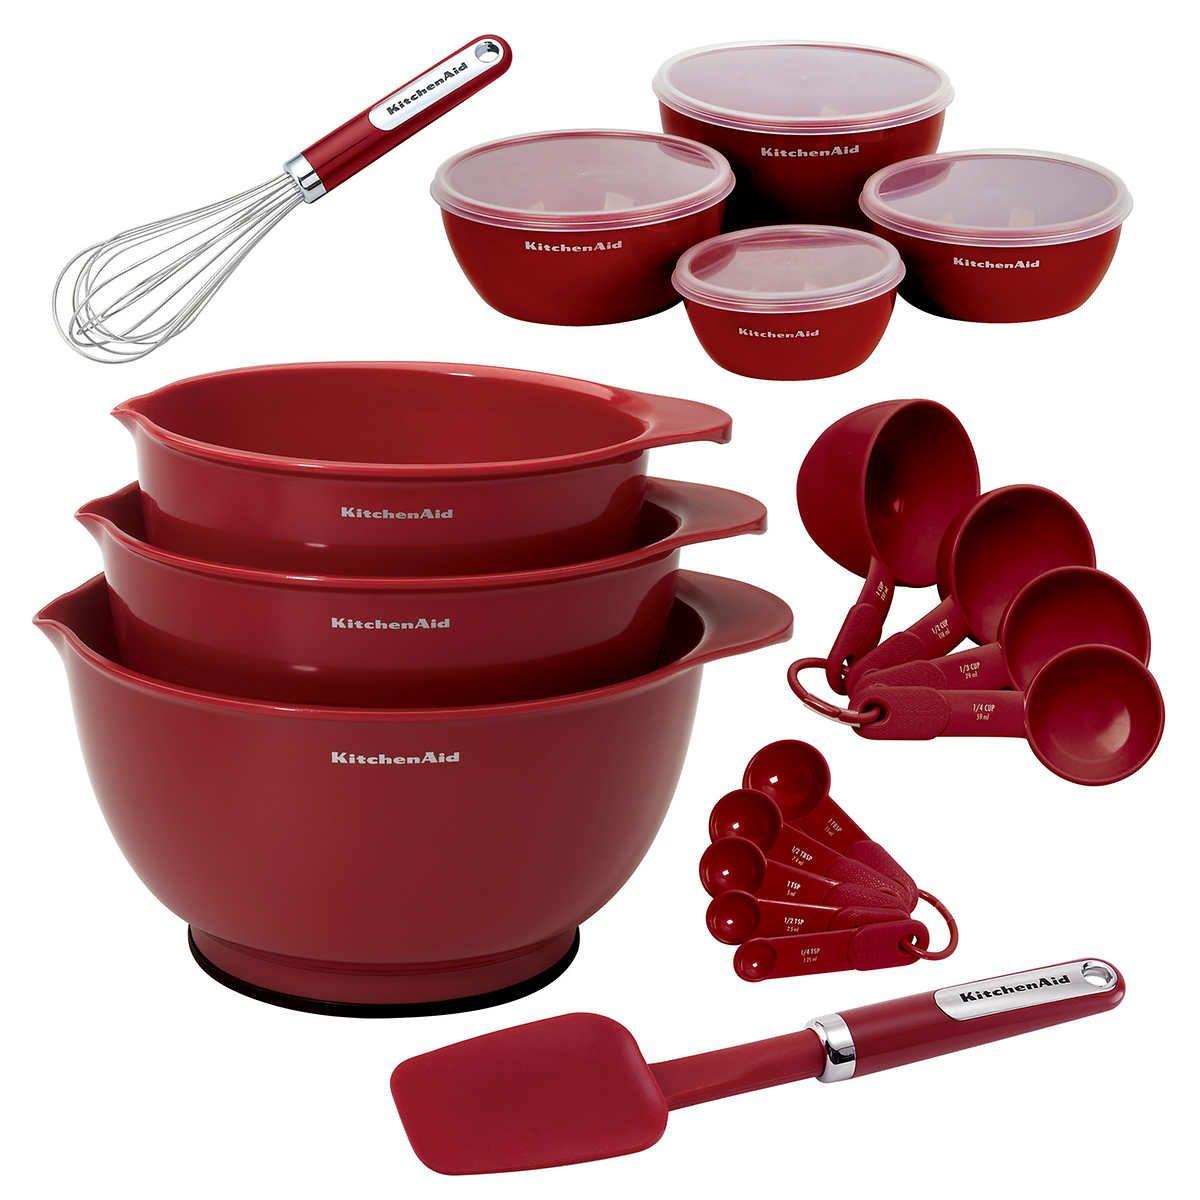 Kitchenaid 11piece baking set with images baking set